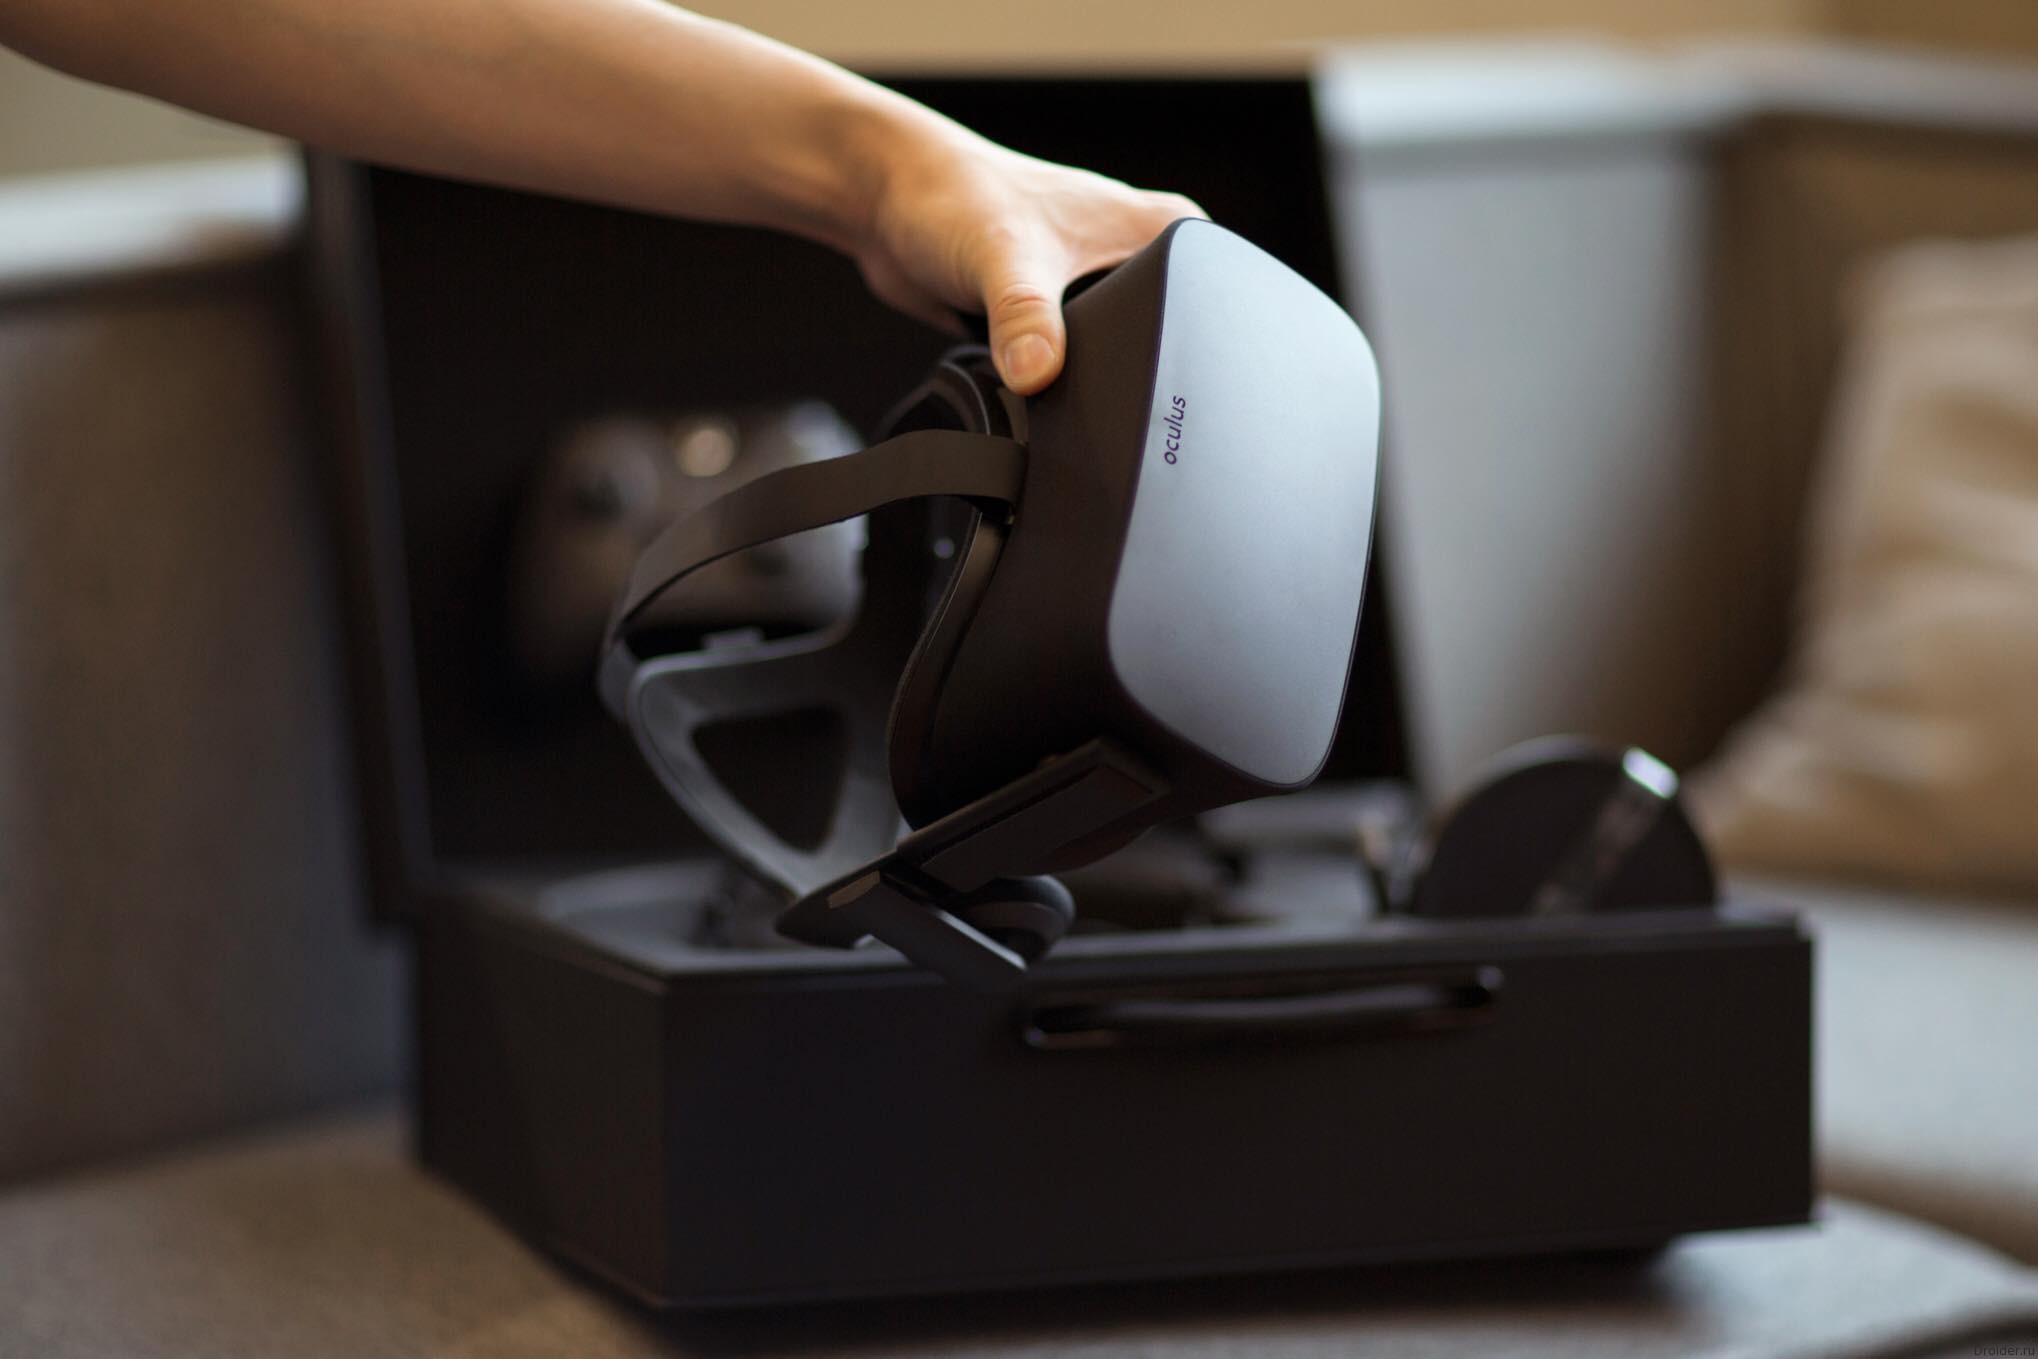 Открыт предзаказ на Oculus Rift за 599 долларов